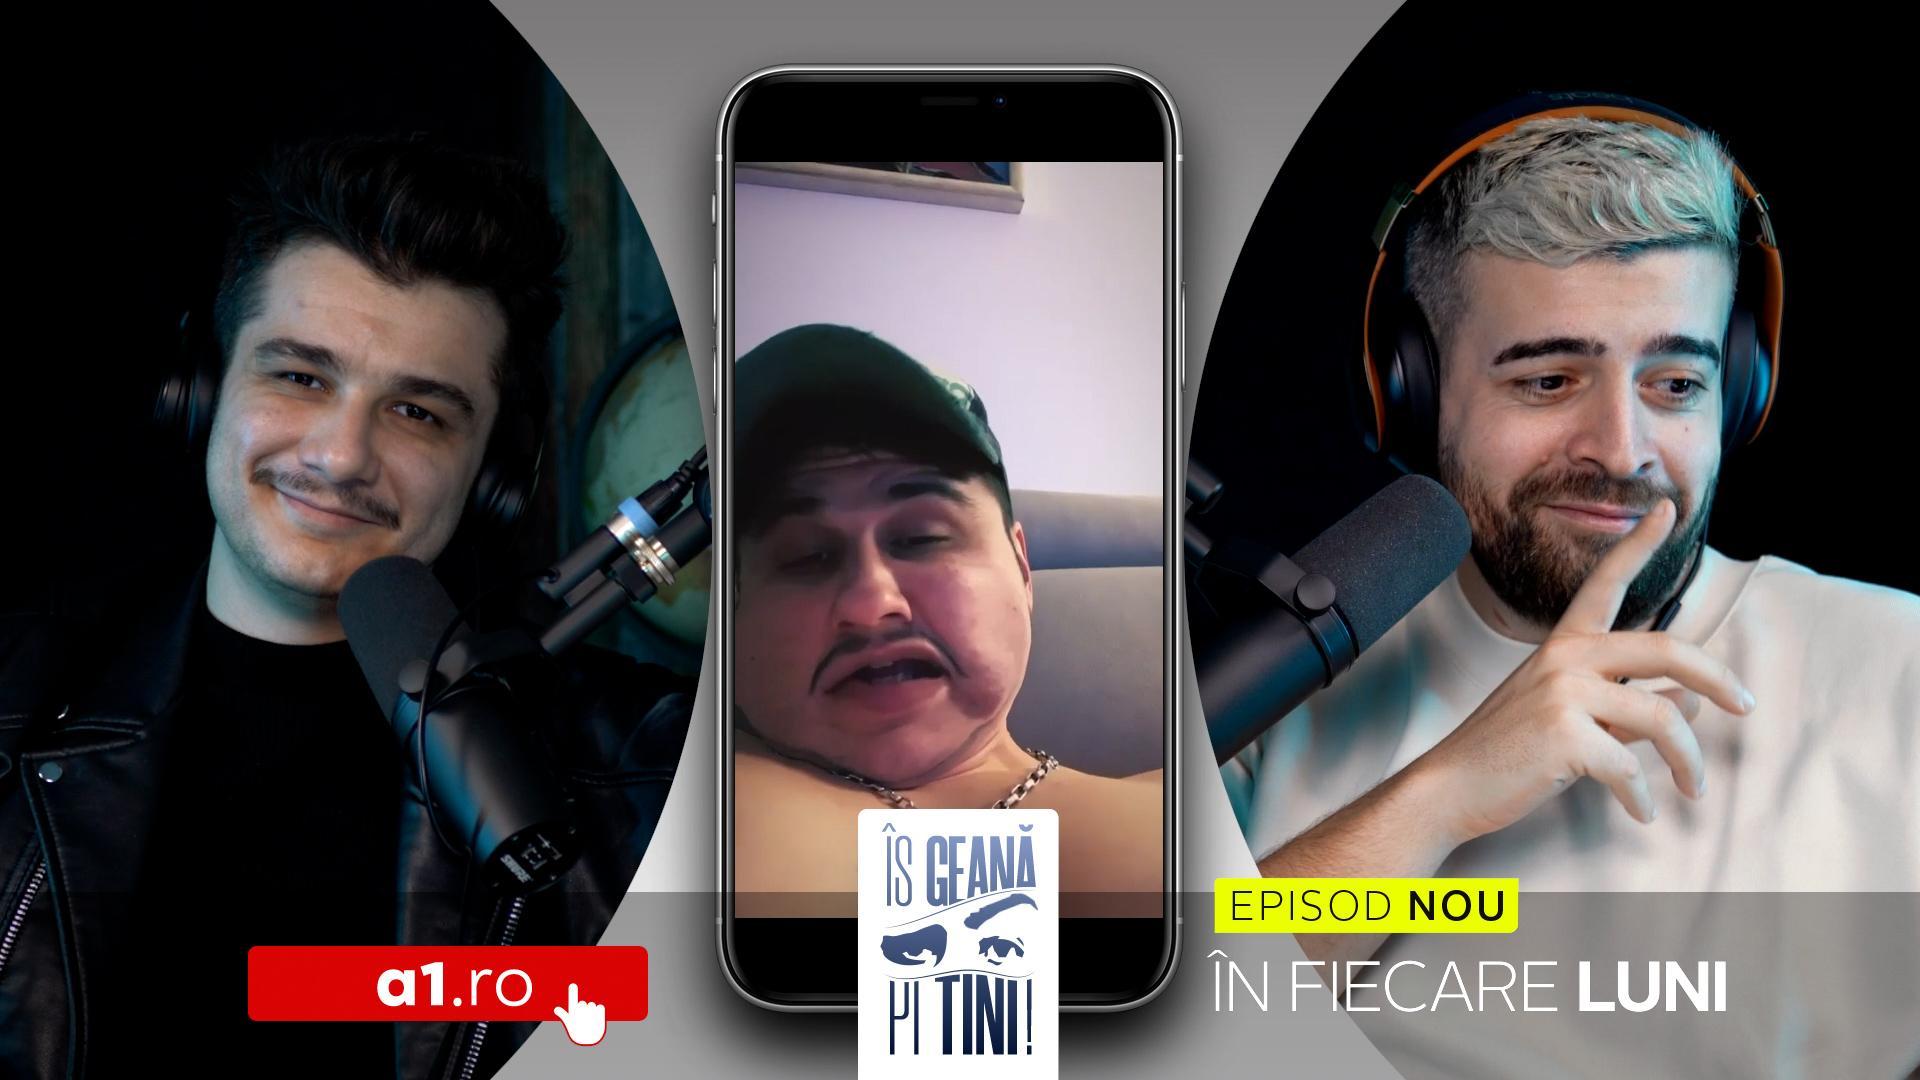 Speak și Vlad Drăgulin lansează Îs geană pi tini, episodul 13. Hai să vezi ce faze amuzante ți-au pregătit!